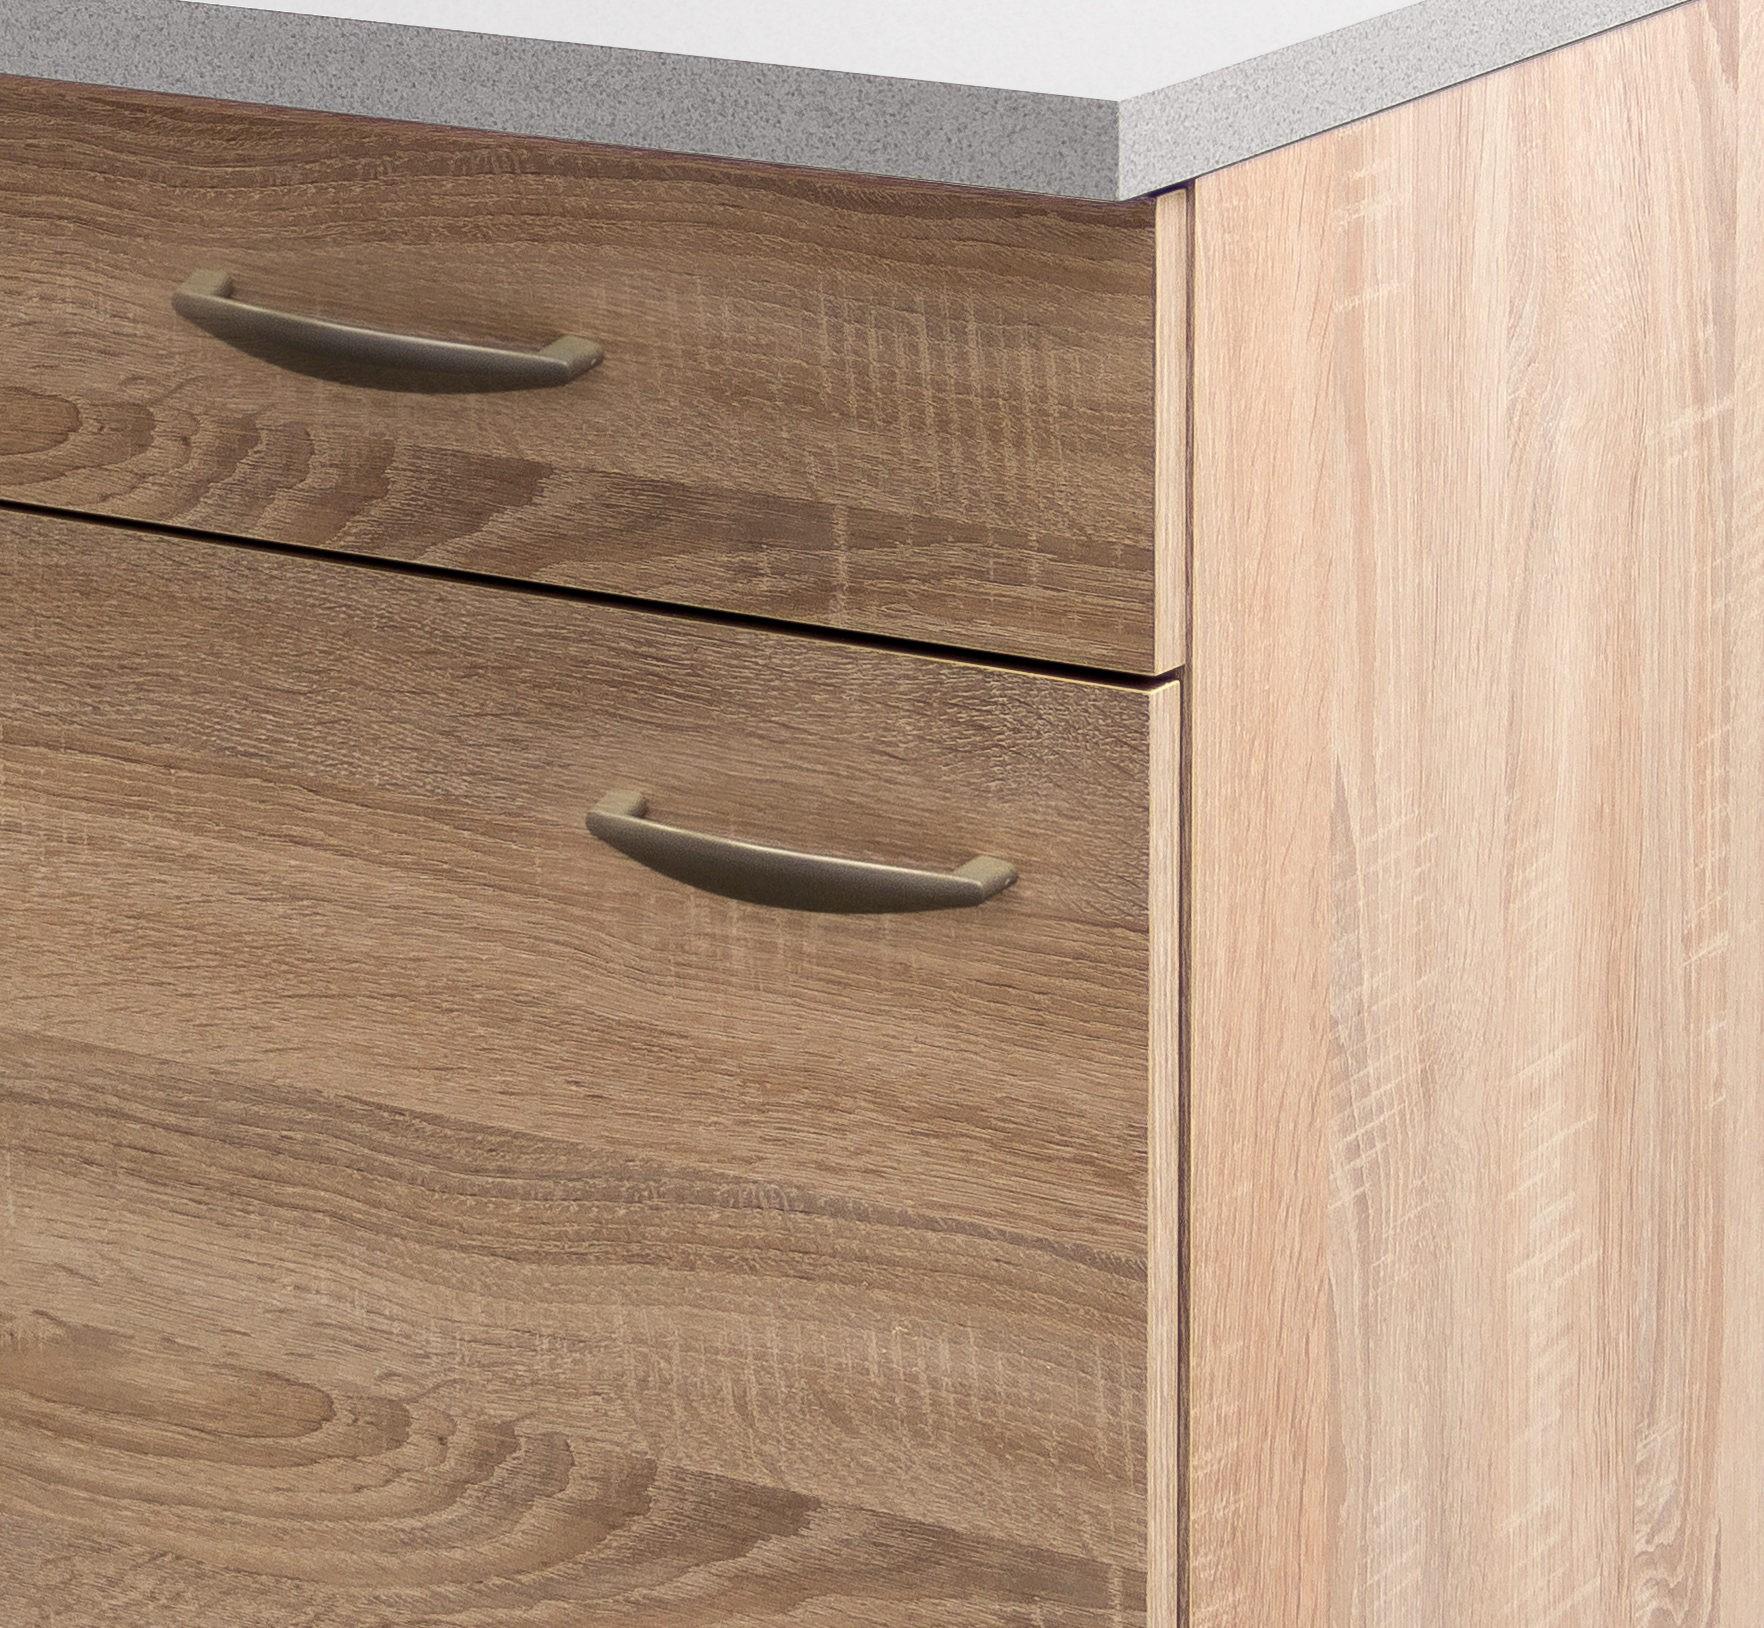 k chen unterschrank herne 1 t rig 50 cm breit 50 cm tief eiche sonoma k che k chen. Black Bedroom Furniture Sets. Home Design Ideas